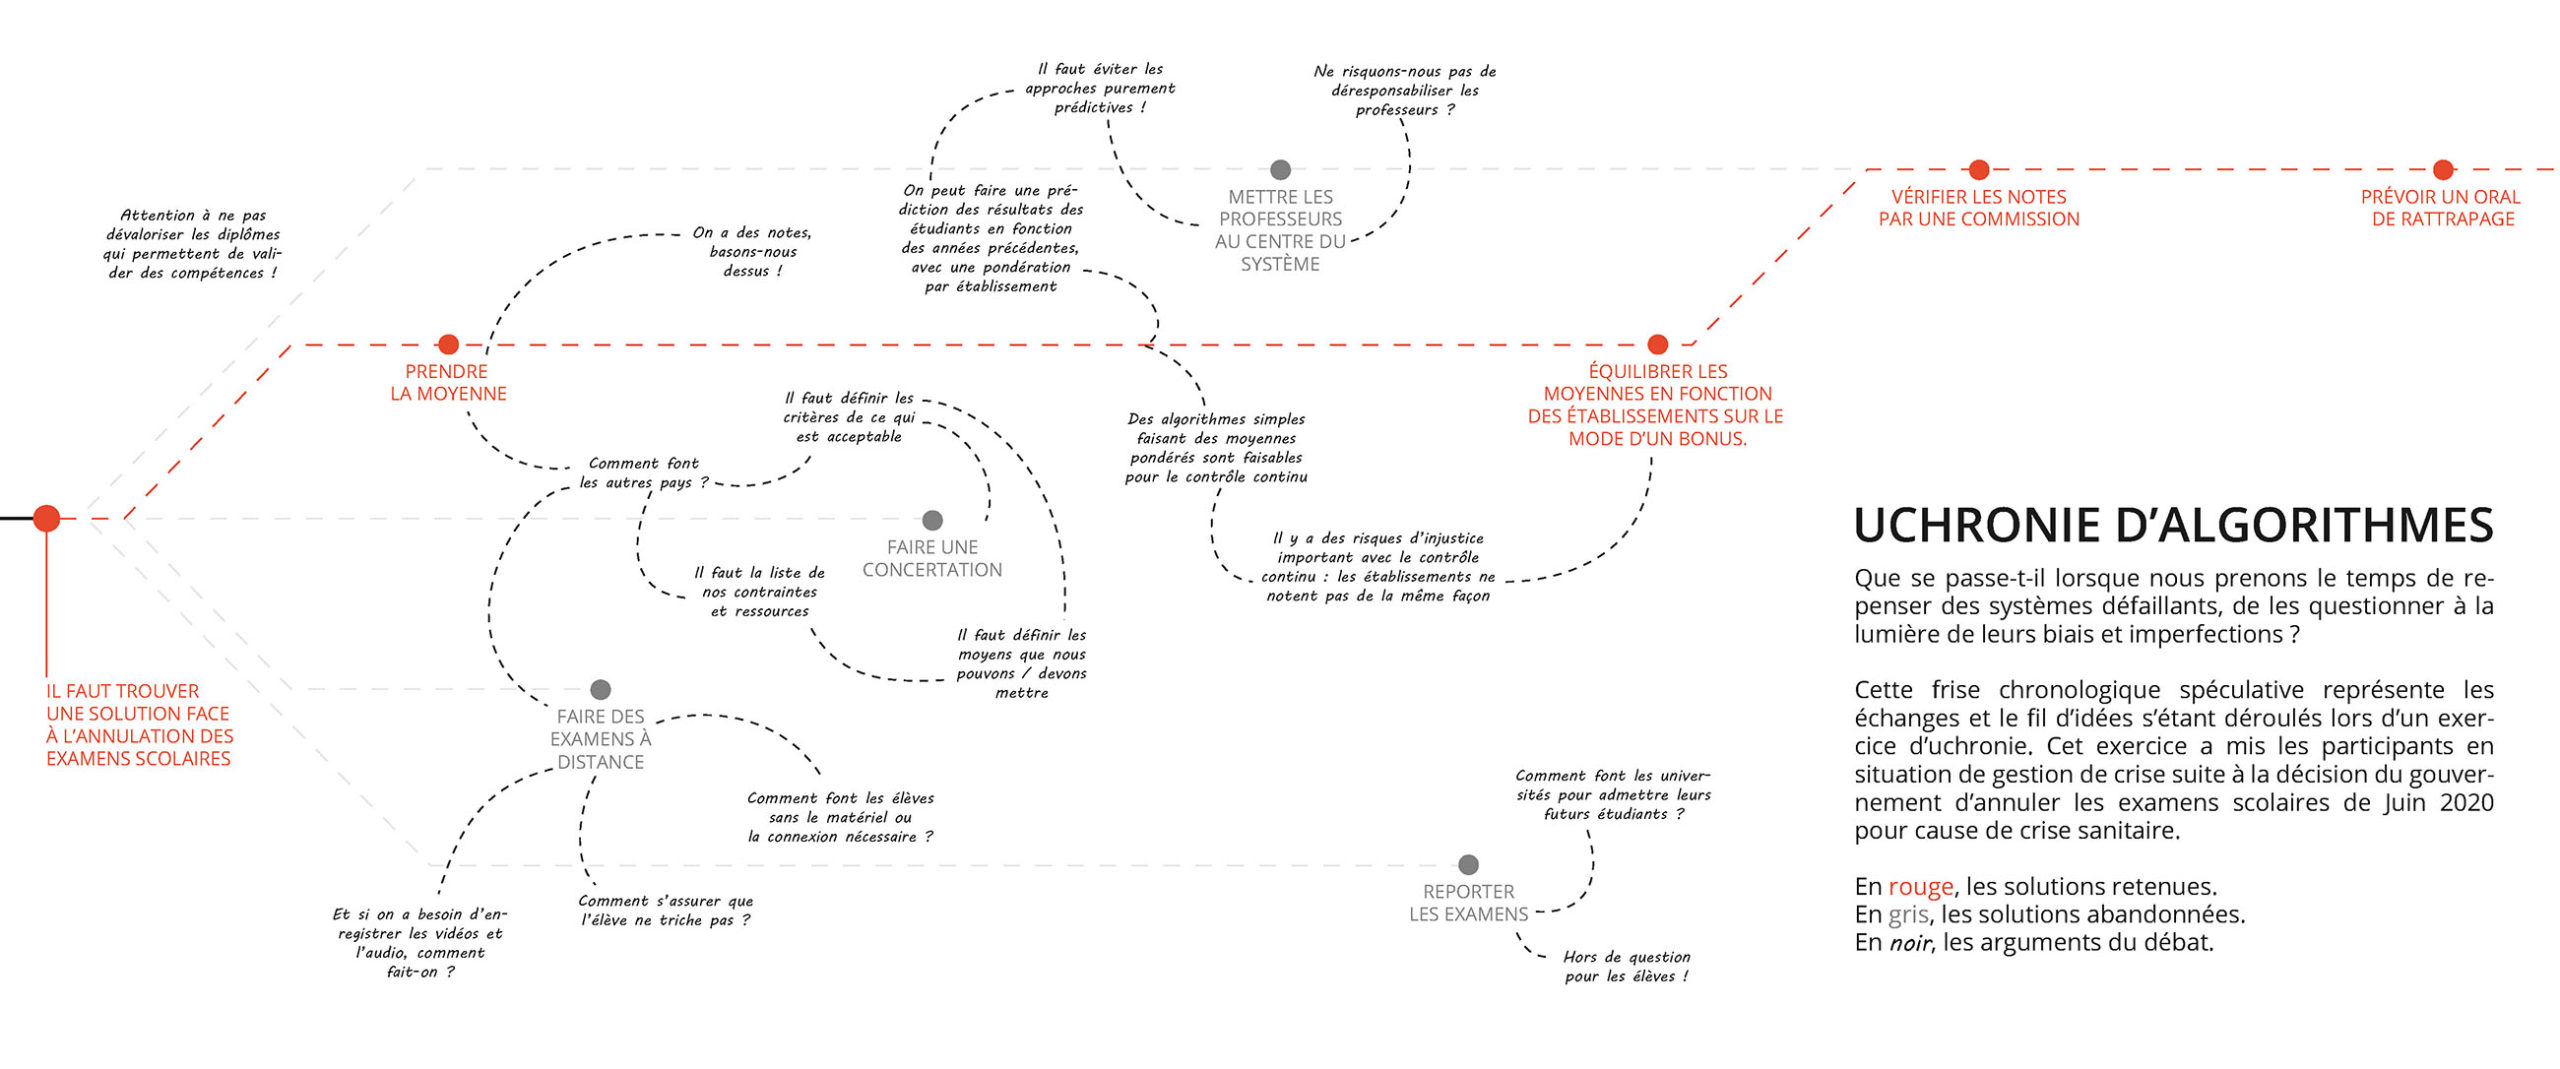 Frise uchronologique, présentant les embranchements qui auraient pu conduire à d'autres choix de conception de l'algorithme discuté